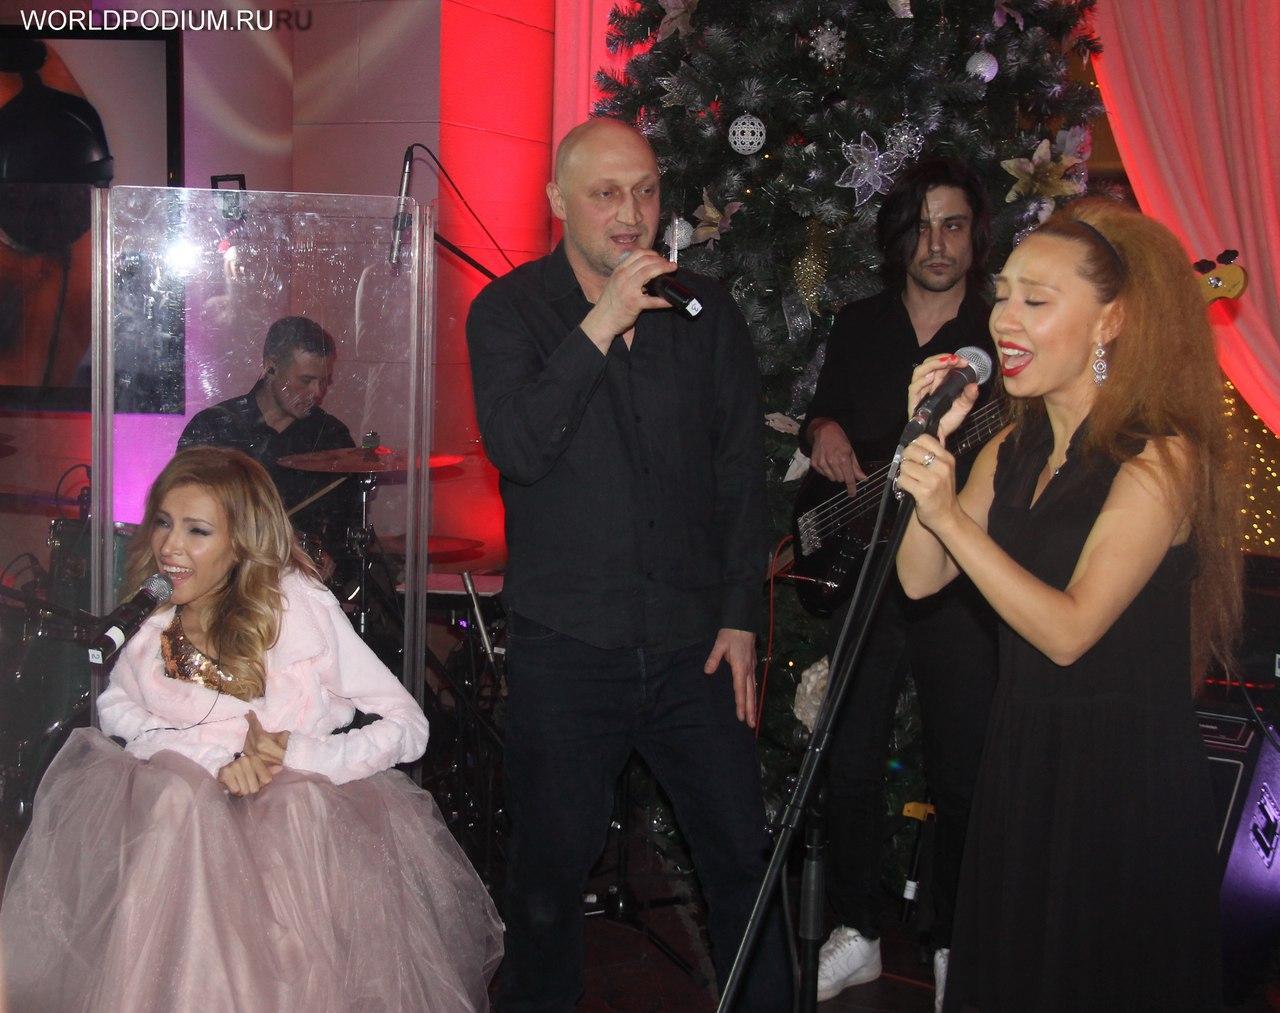 Презентация новогоднего видеоклипа Гоши Куценко и Юлии Самойловой